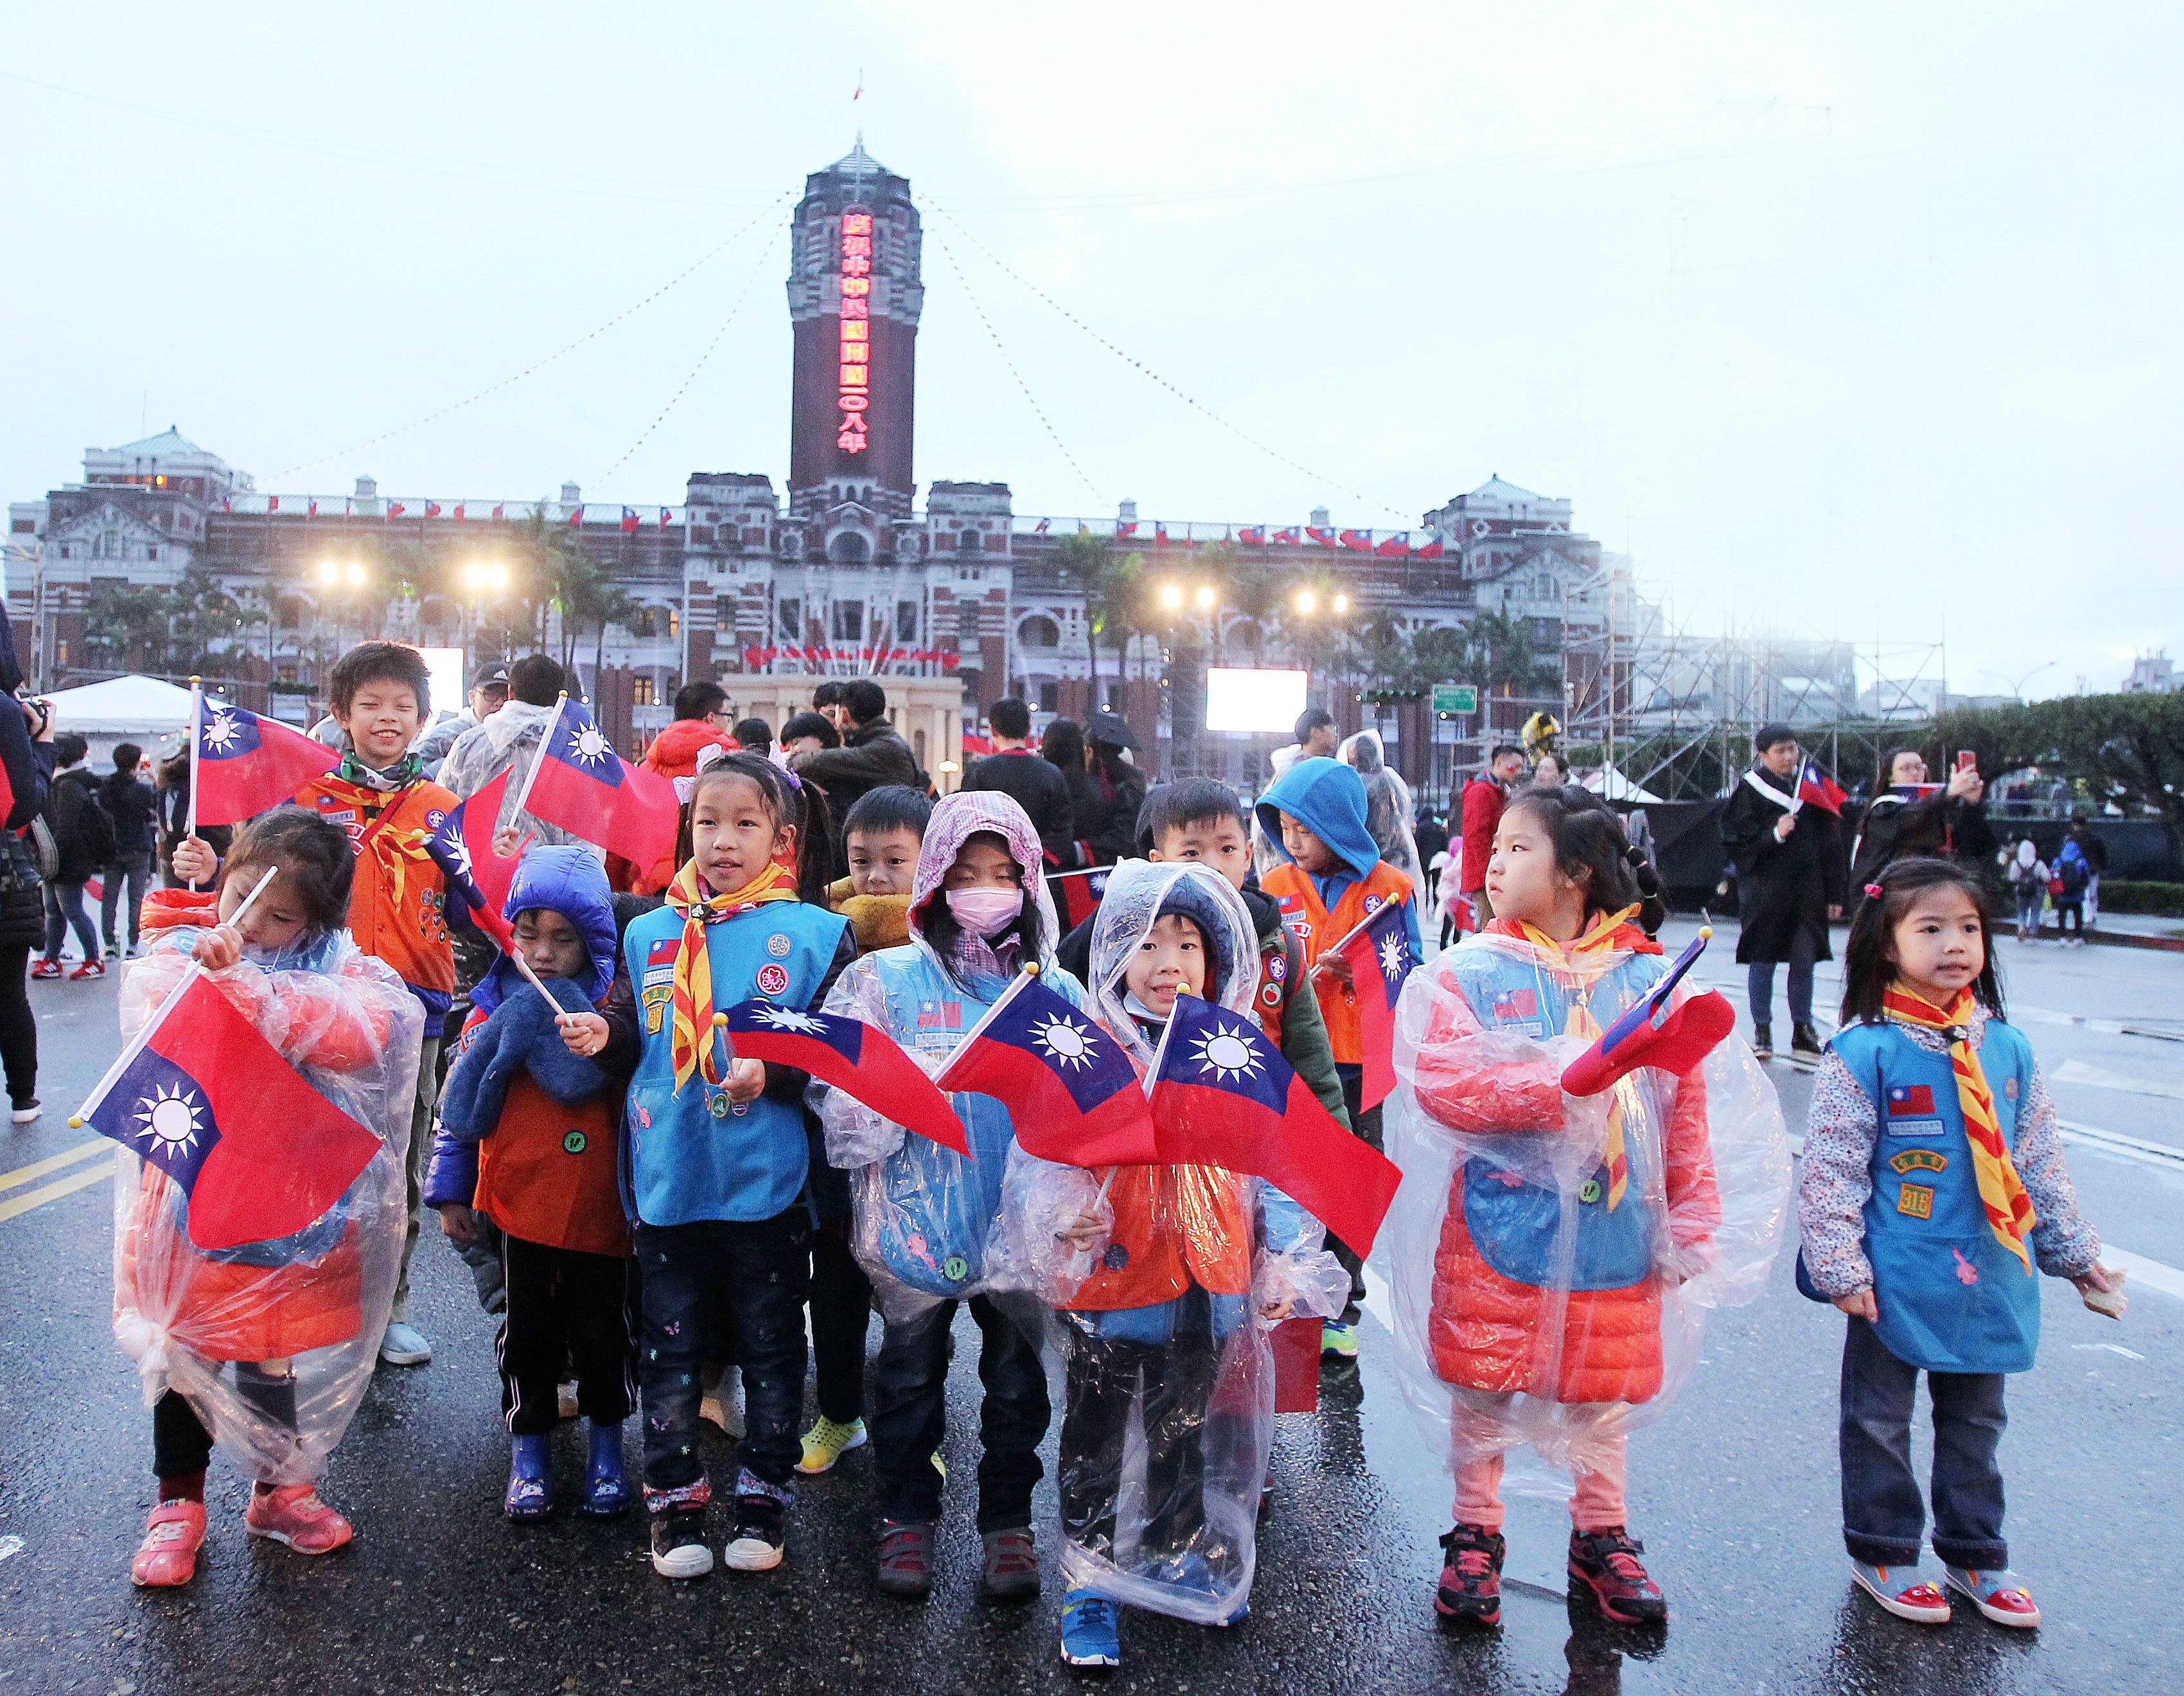 各校學生打扮不同造型參加中華民國108年元旦升旗典禮。(記者邱榮吉/攝影)